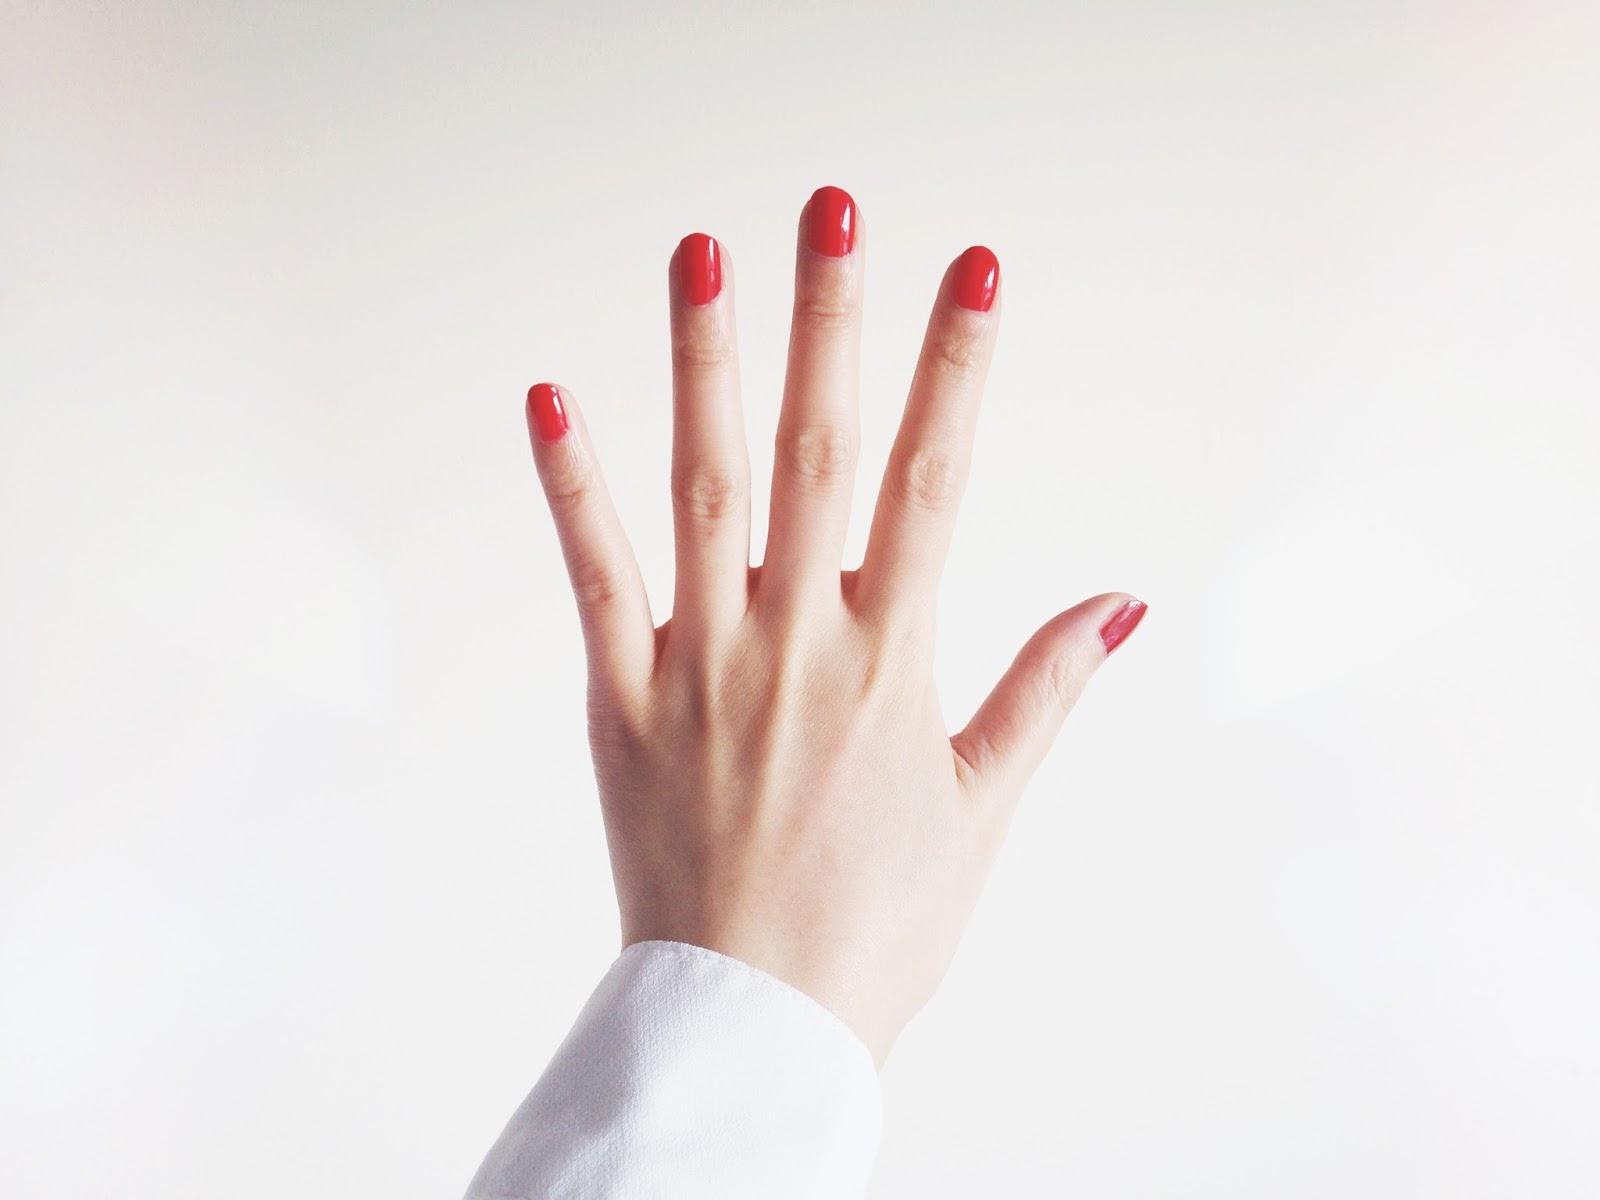 red nail polish, red nail varnish